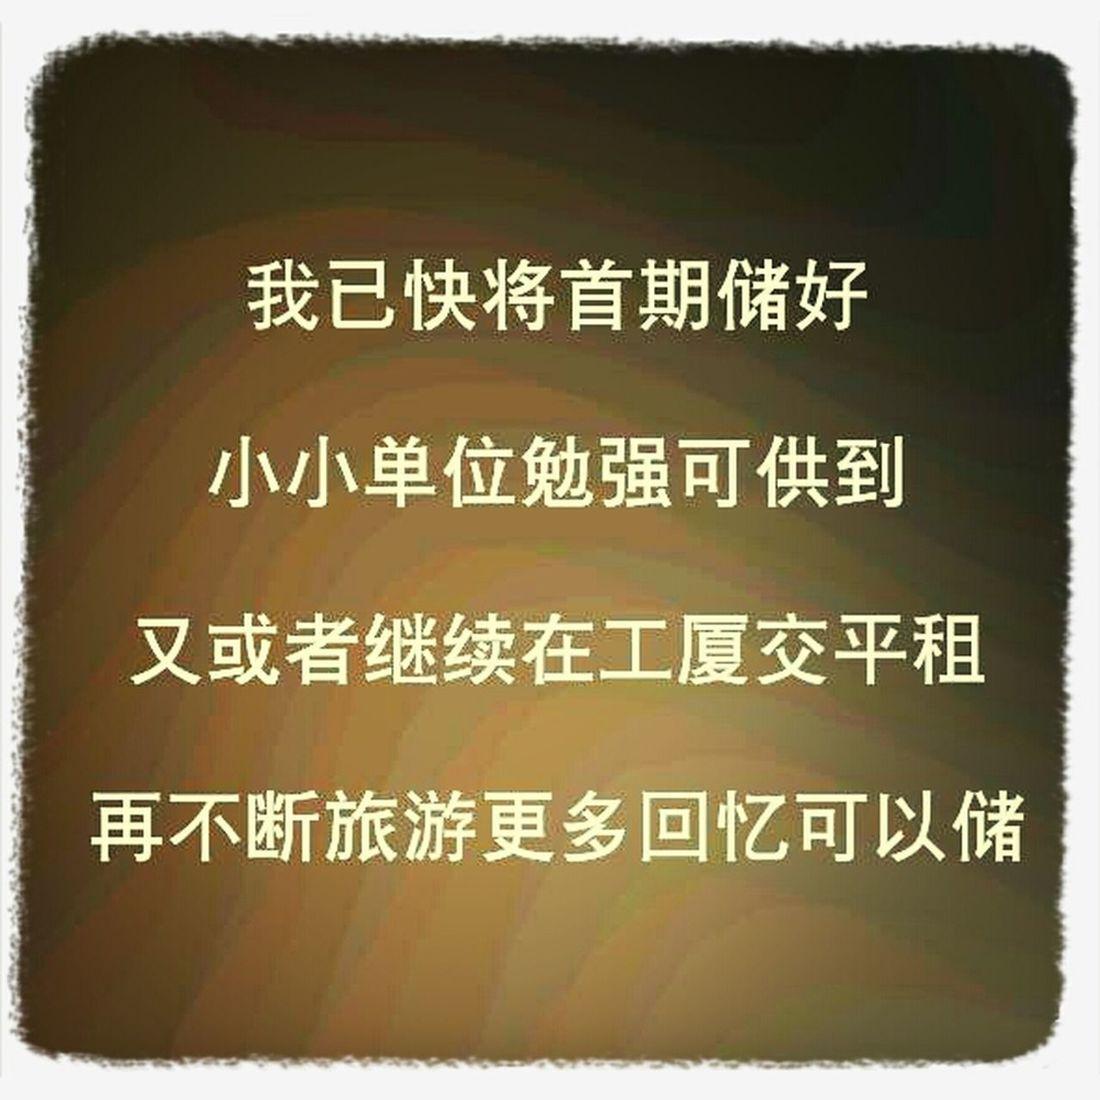 一首温暖的粤语歌,我在暗中储首期。 Lyrics